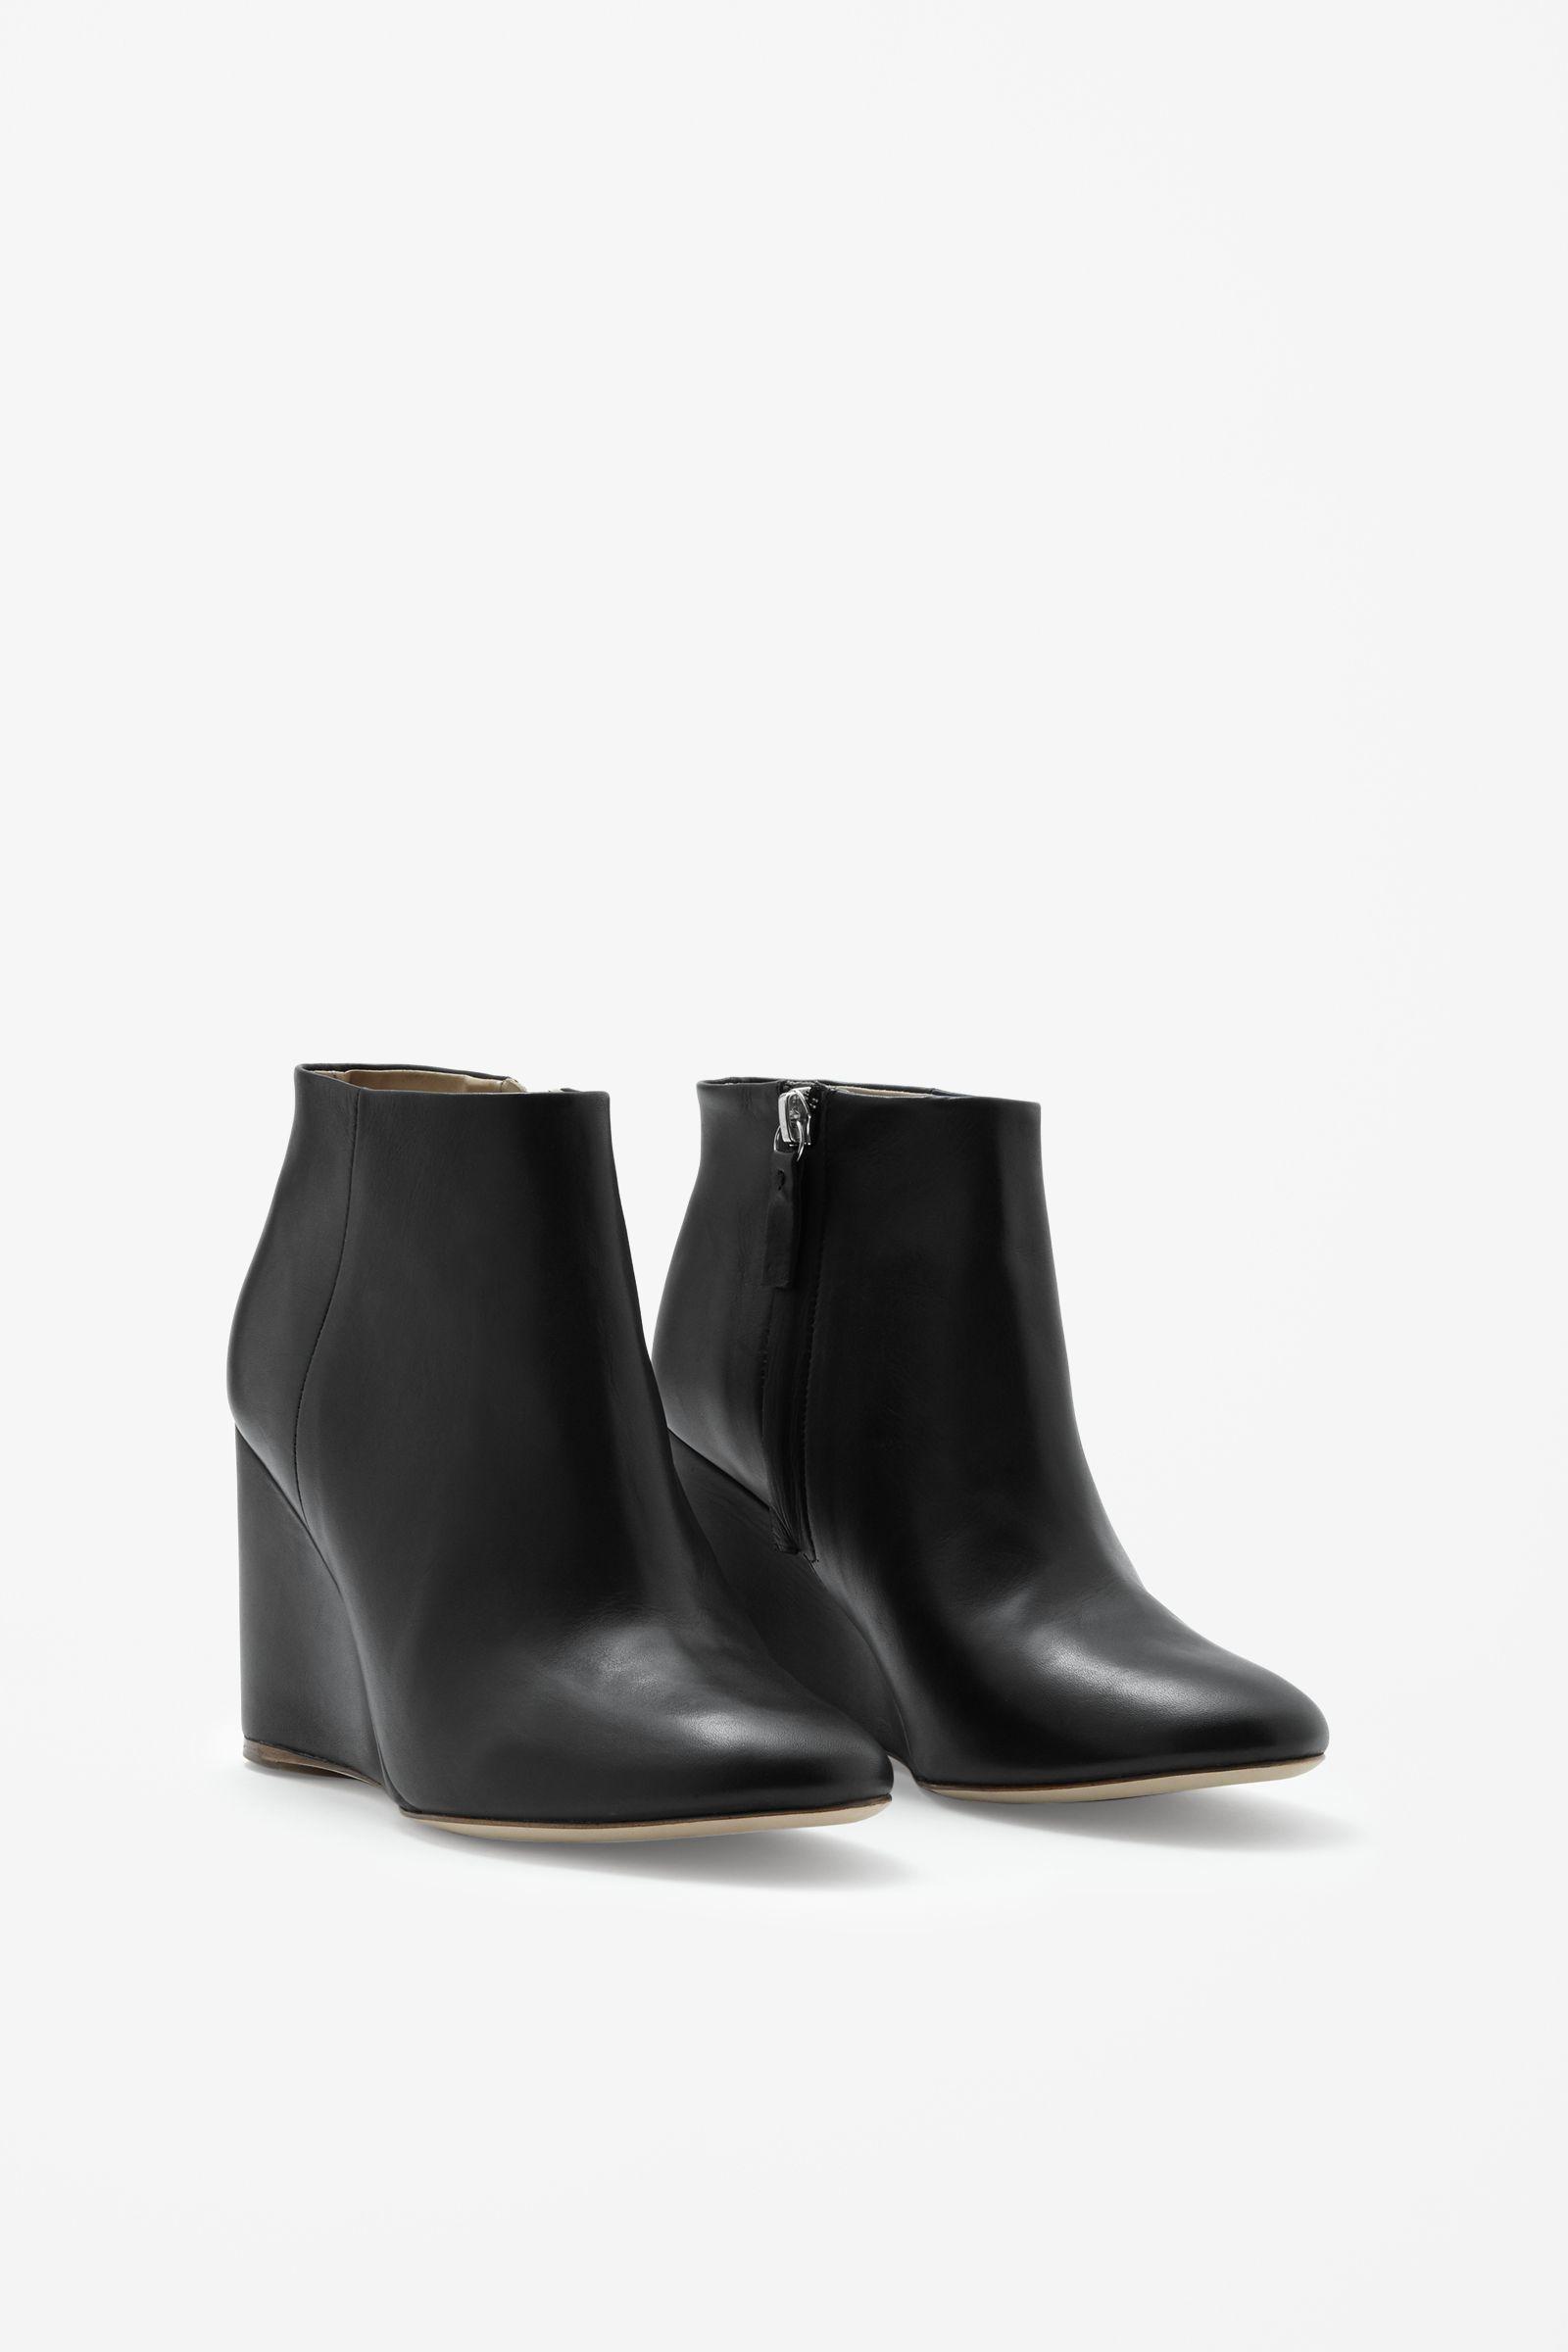 Black Wedge Heel Booties